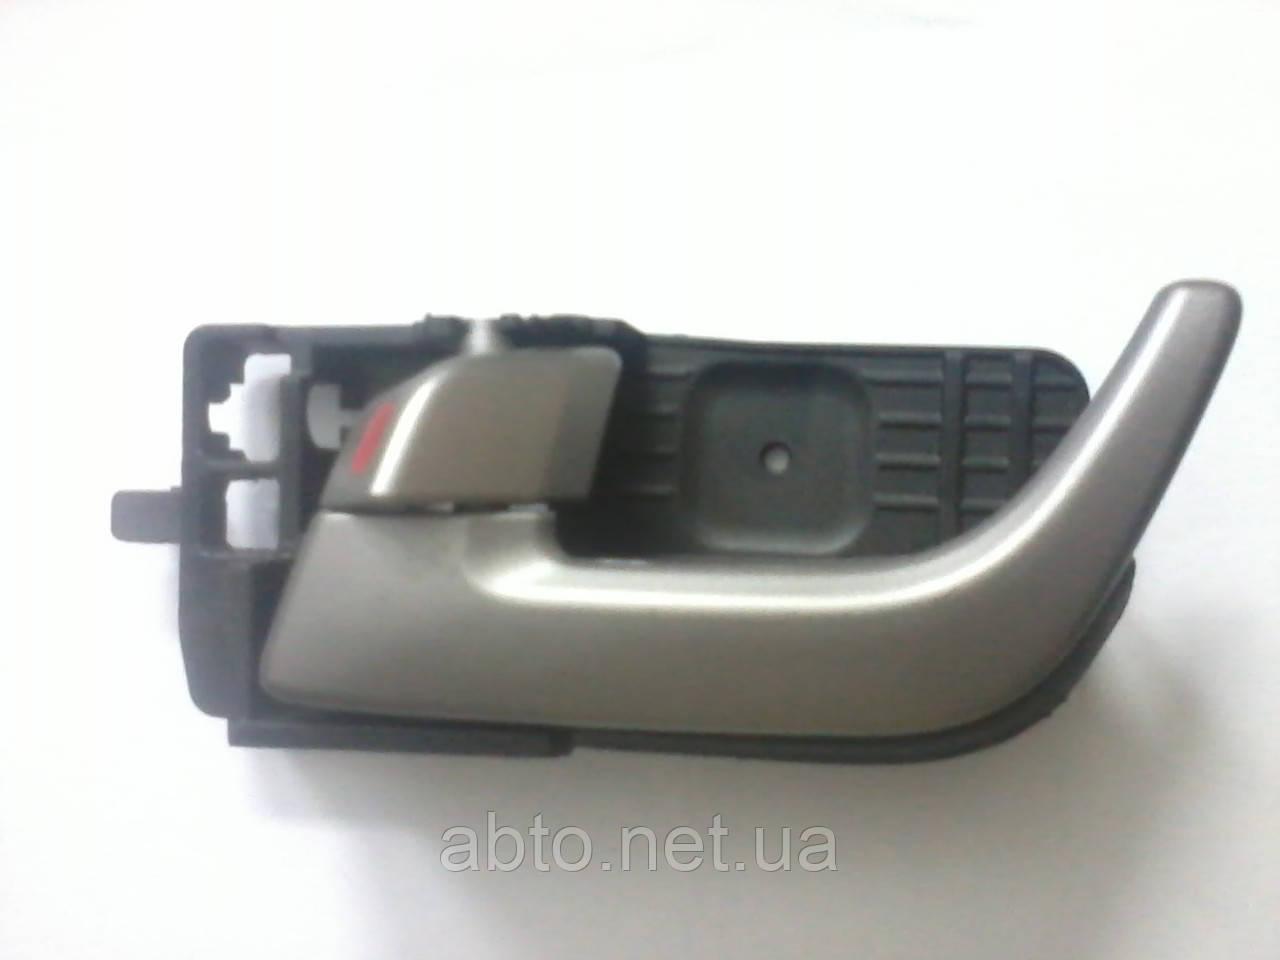 Ручка дверна внутрішня ліва Geely Emgrand (EC7/EC7RV) (Джилі Емгранд EC7/ЕС7RV) седан/хетчбек